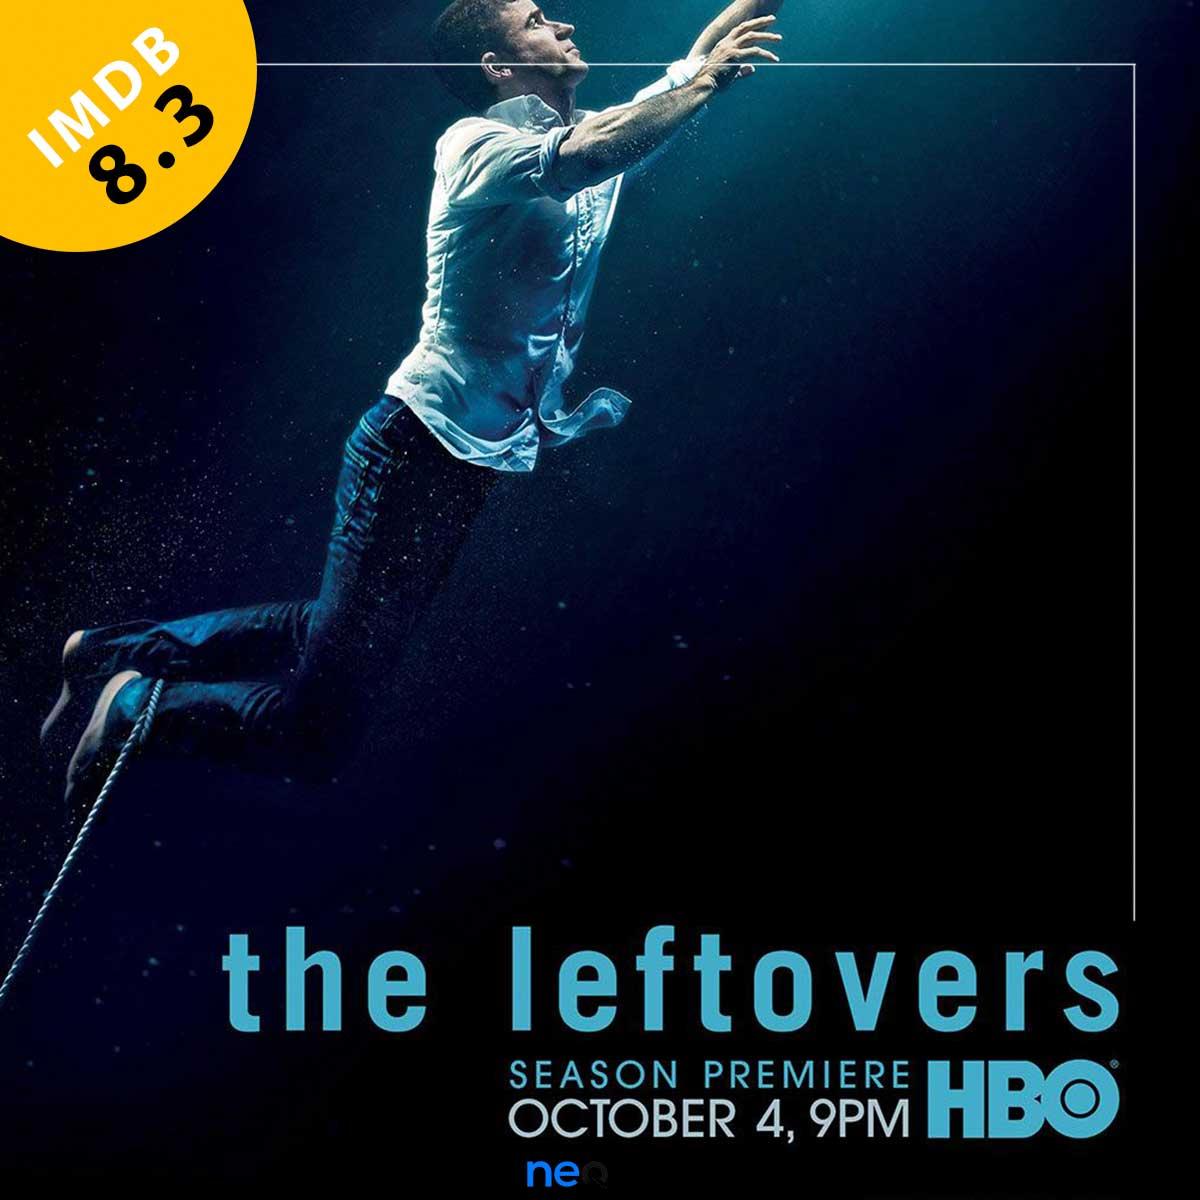 En İyi HBO Dizileri, HBO Dizi Önerileri